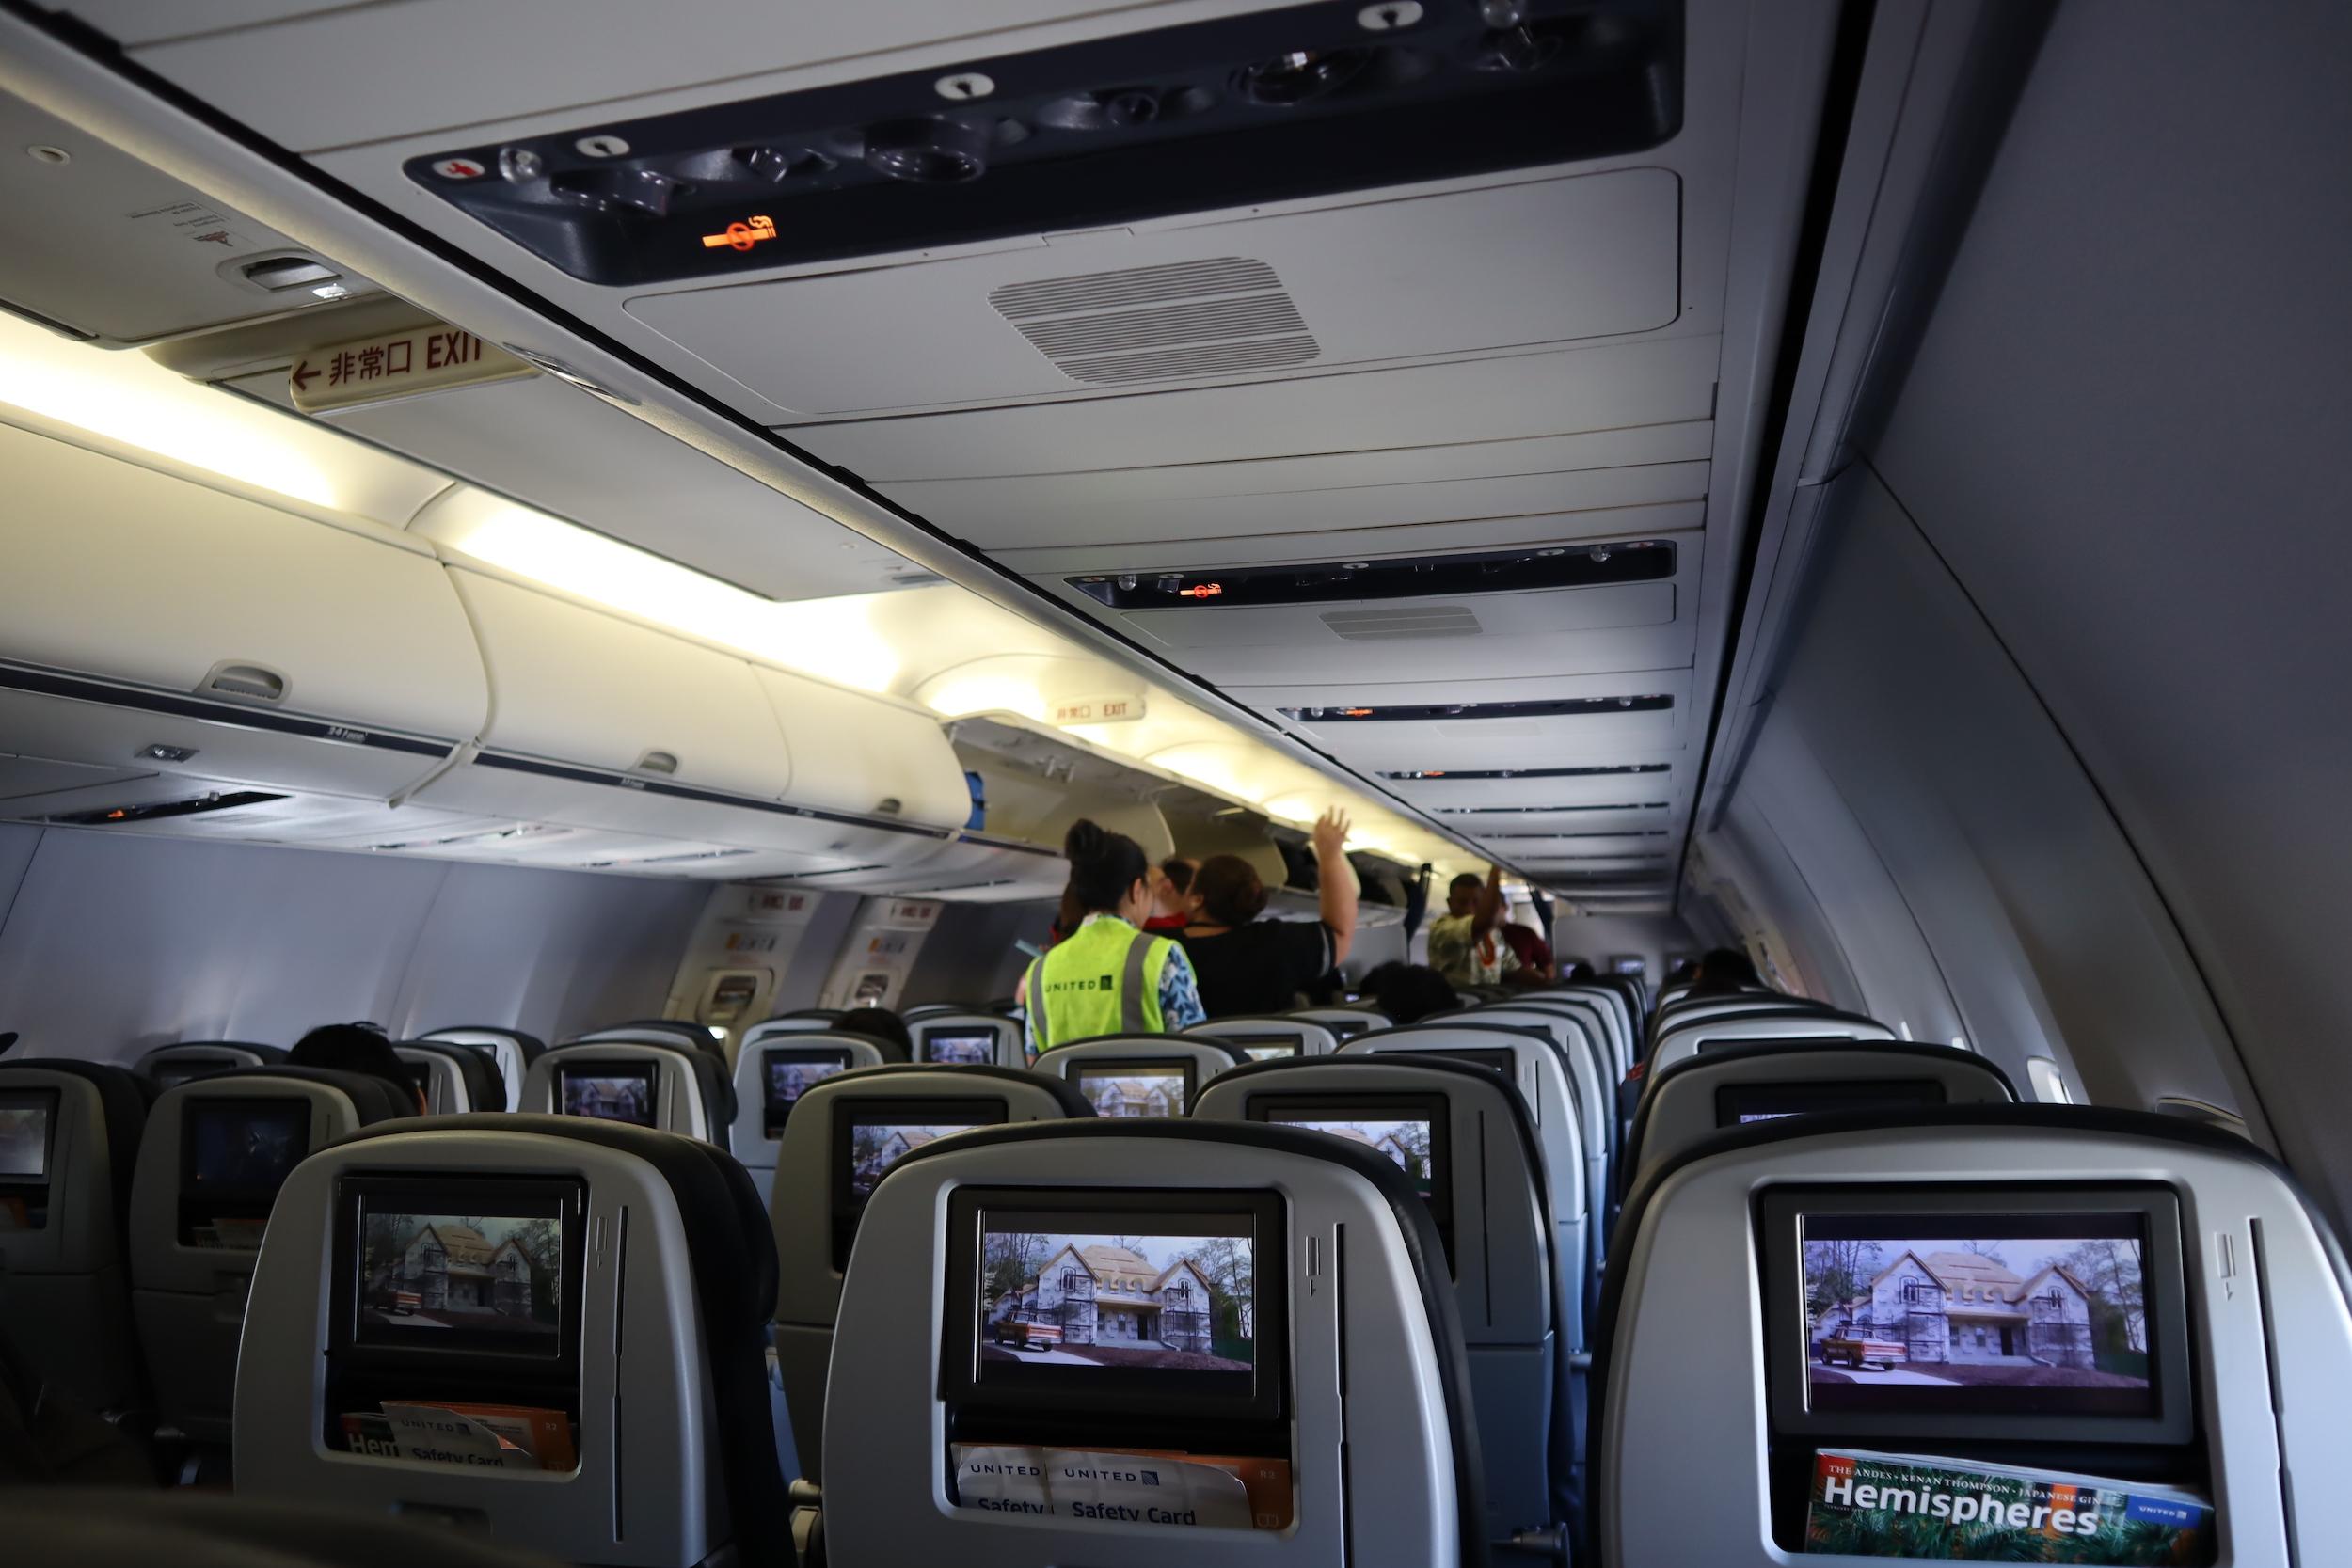 United 737 economy class – Cabin